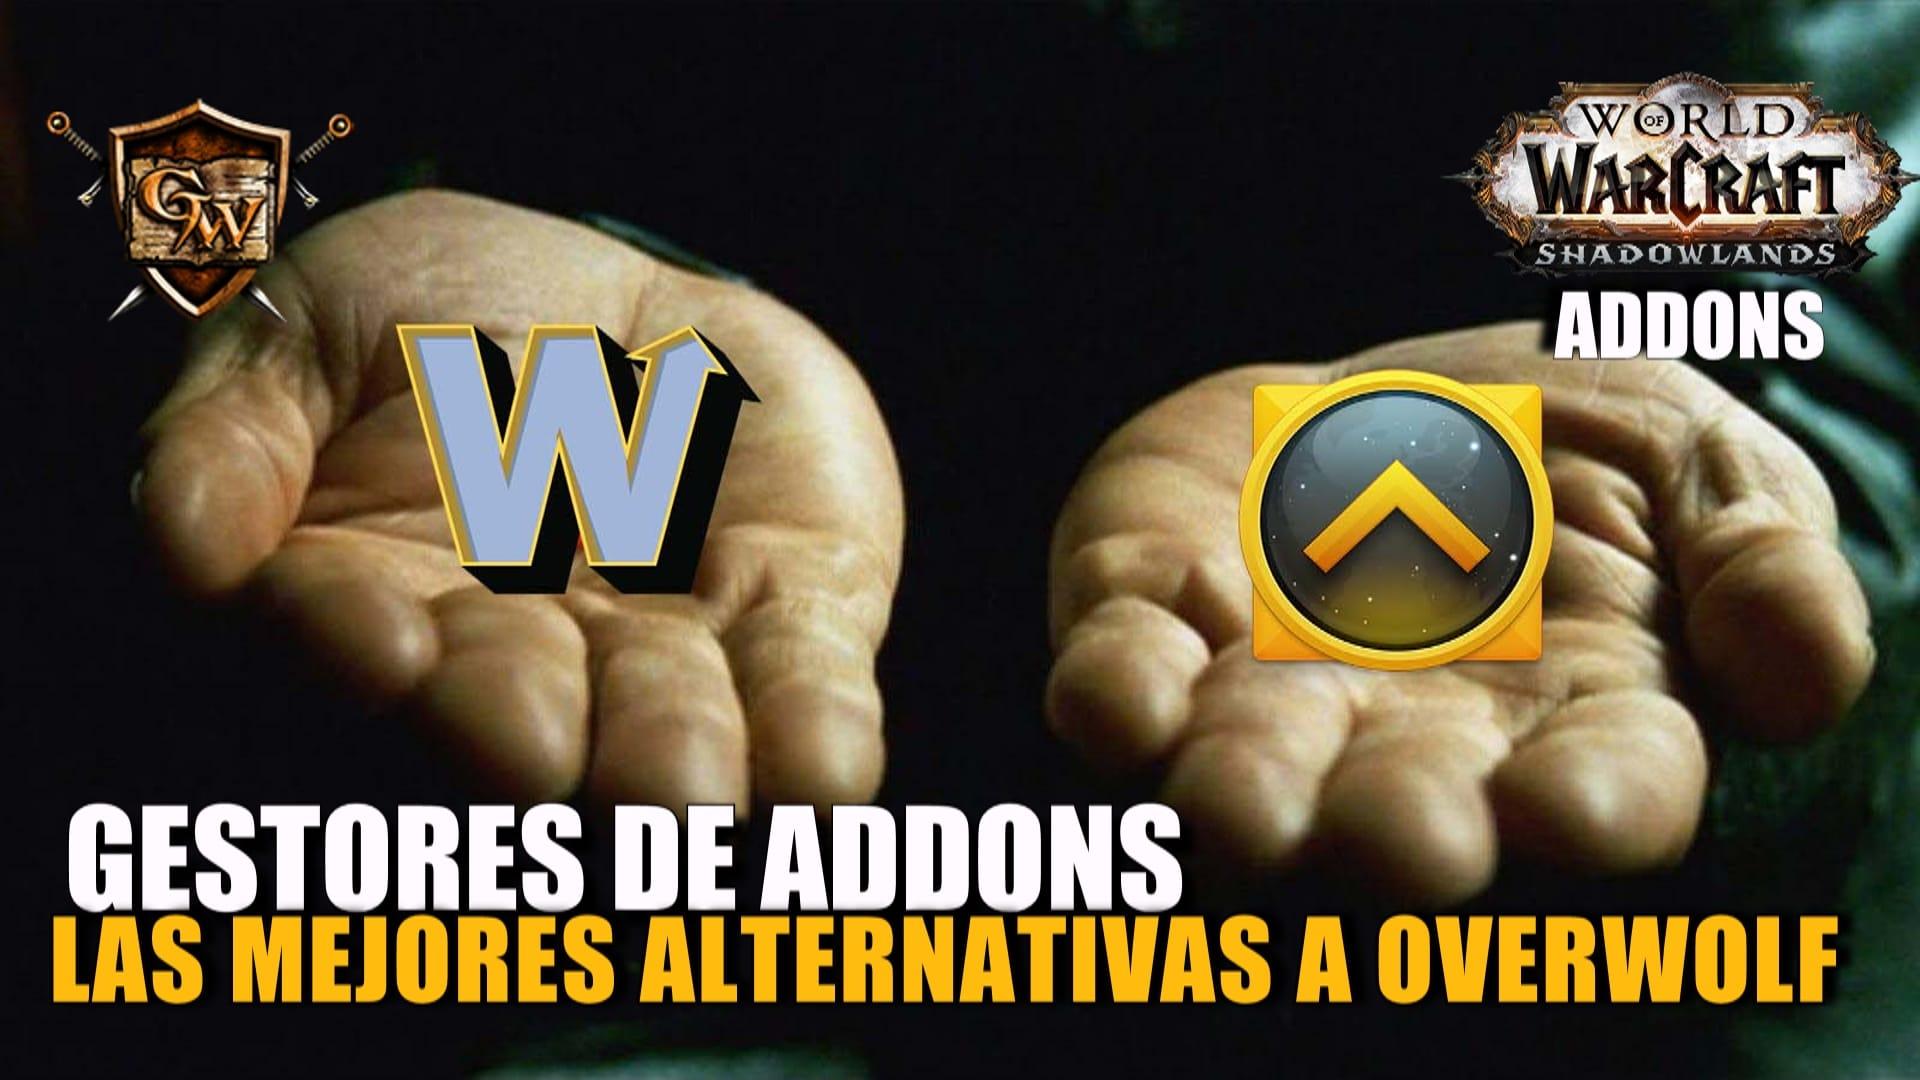 Gestores de addons - Las mejores alternativas a Overwolf